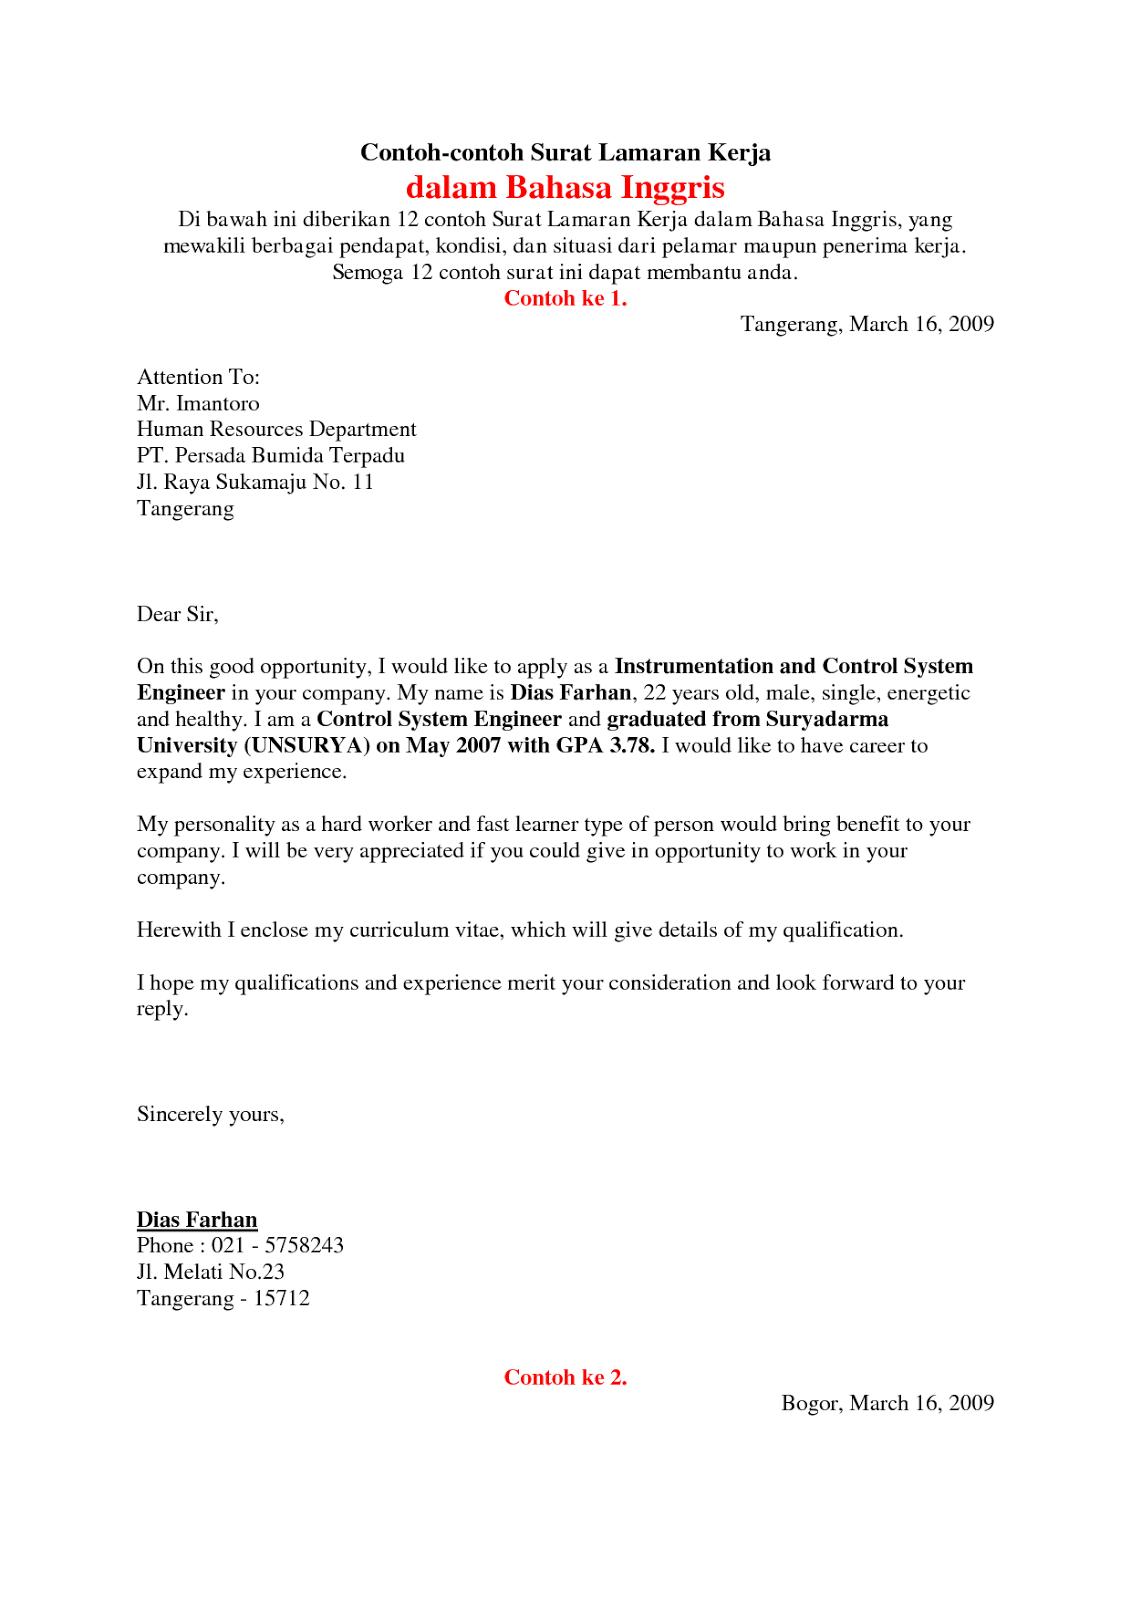 5 Surat Lamaran Pekerjaan Bahasa Inggris Surat Lamaran